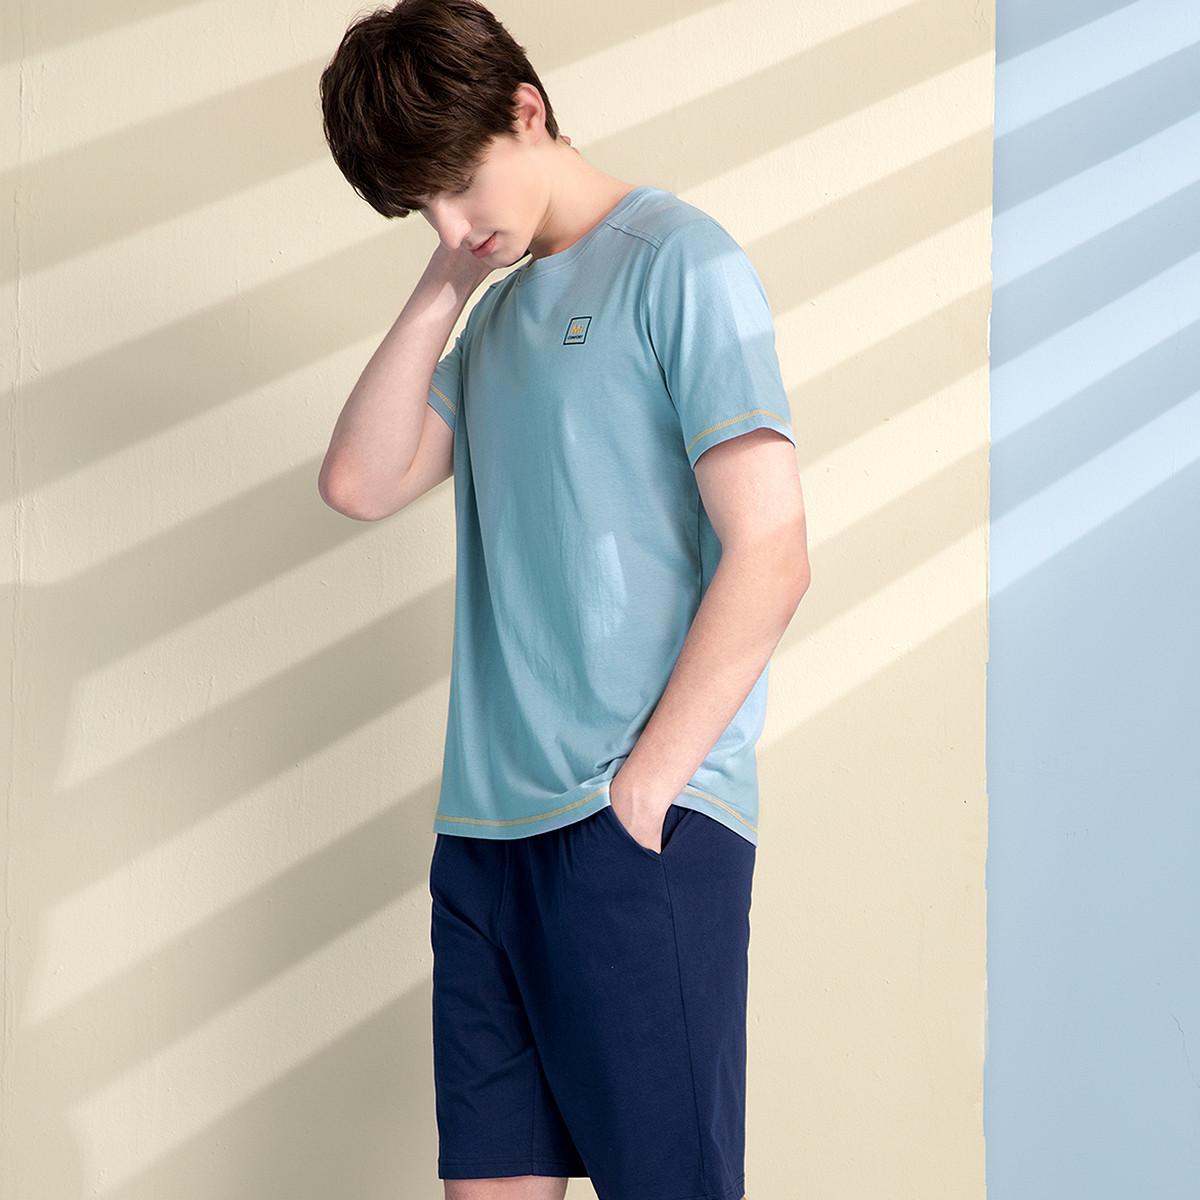 红豆睡衣纯棉2021年新款夏季薄款情侣短袖T恤外穿男女休闲居家服 No.2